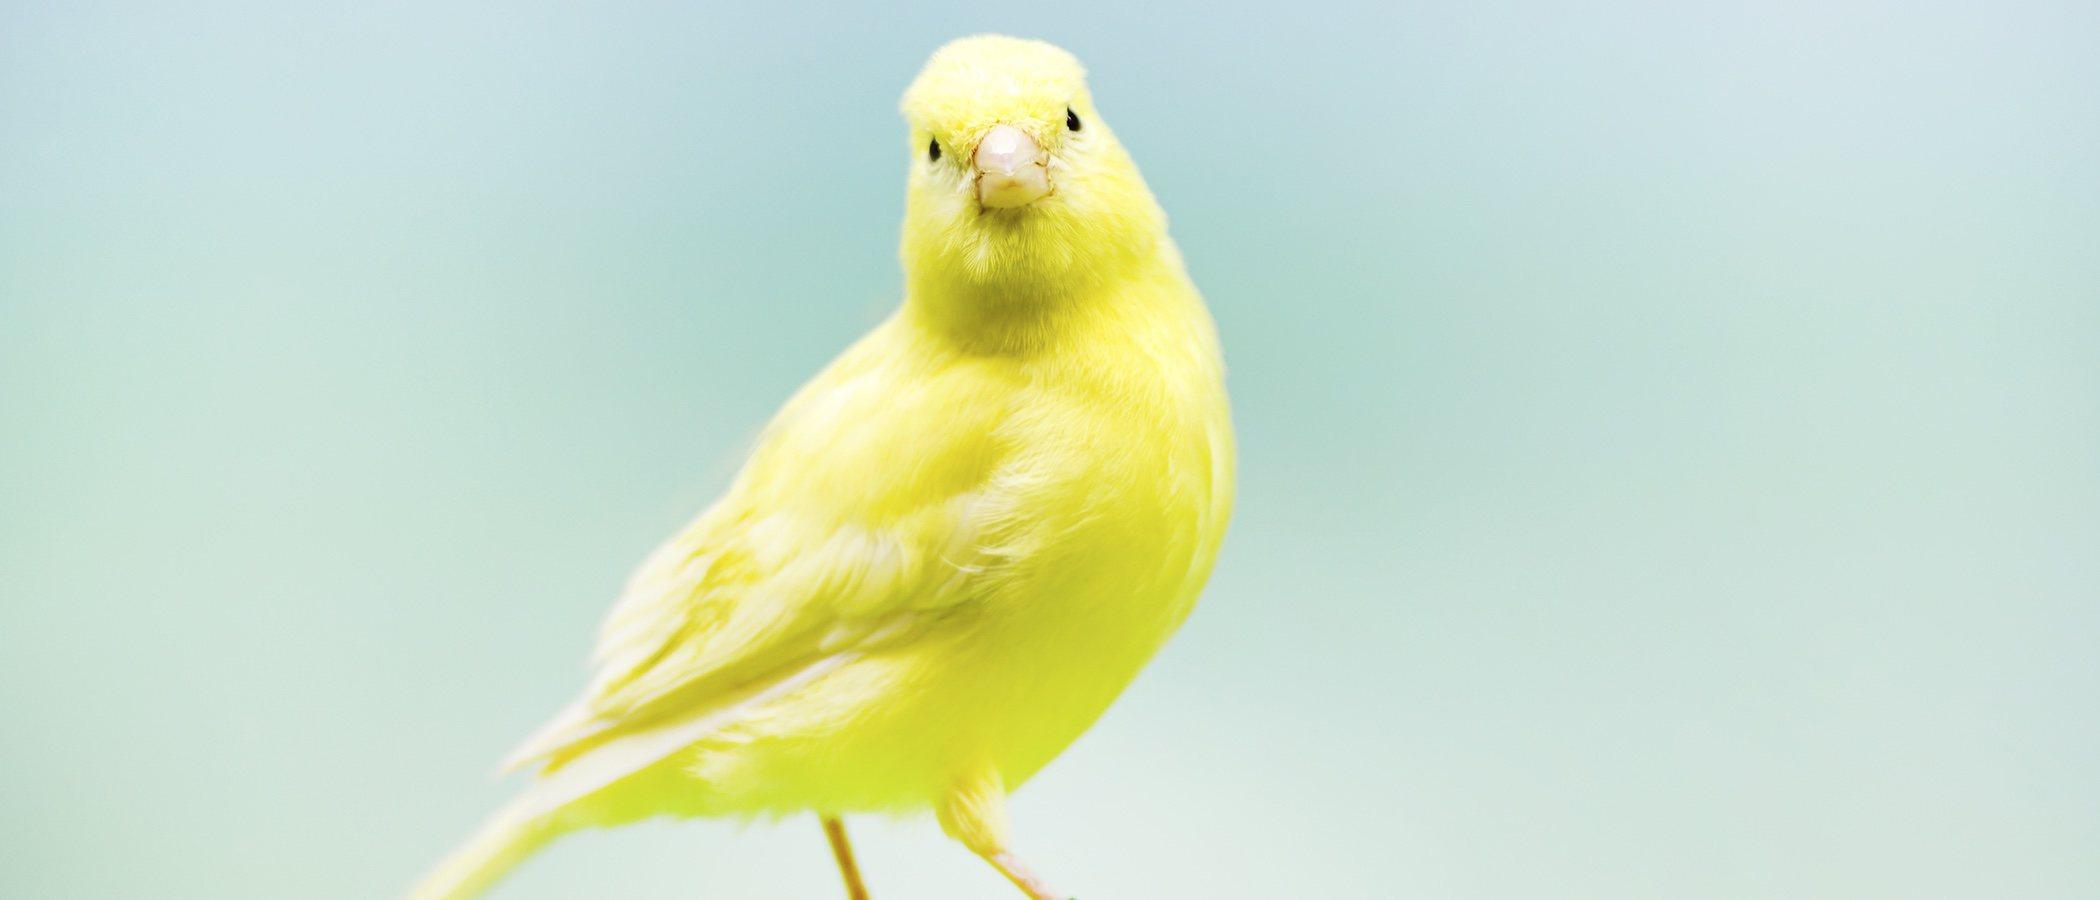 Tener un pájaro suelto en casa: trucos y precauciones